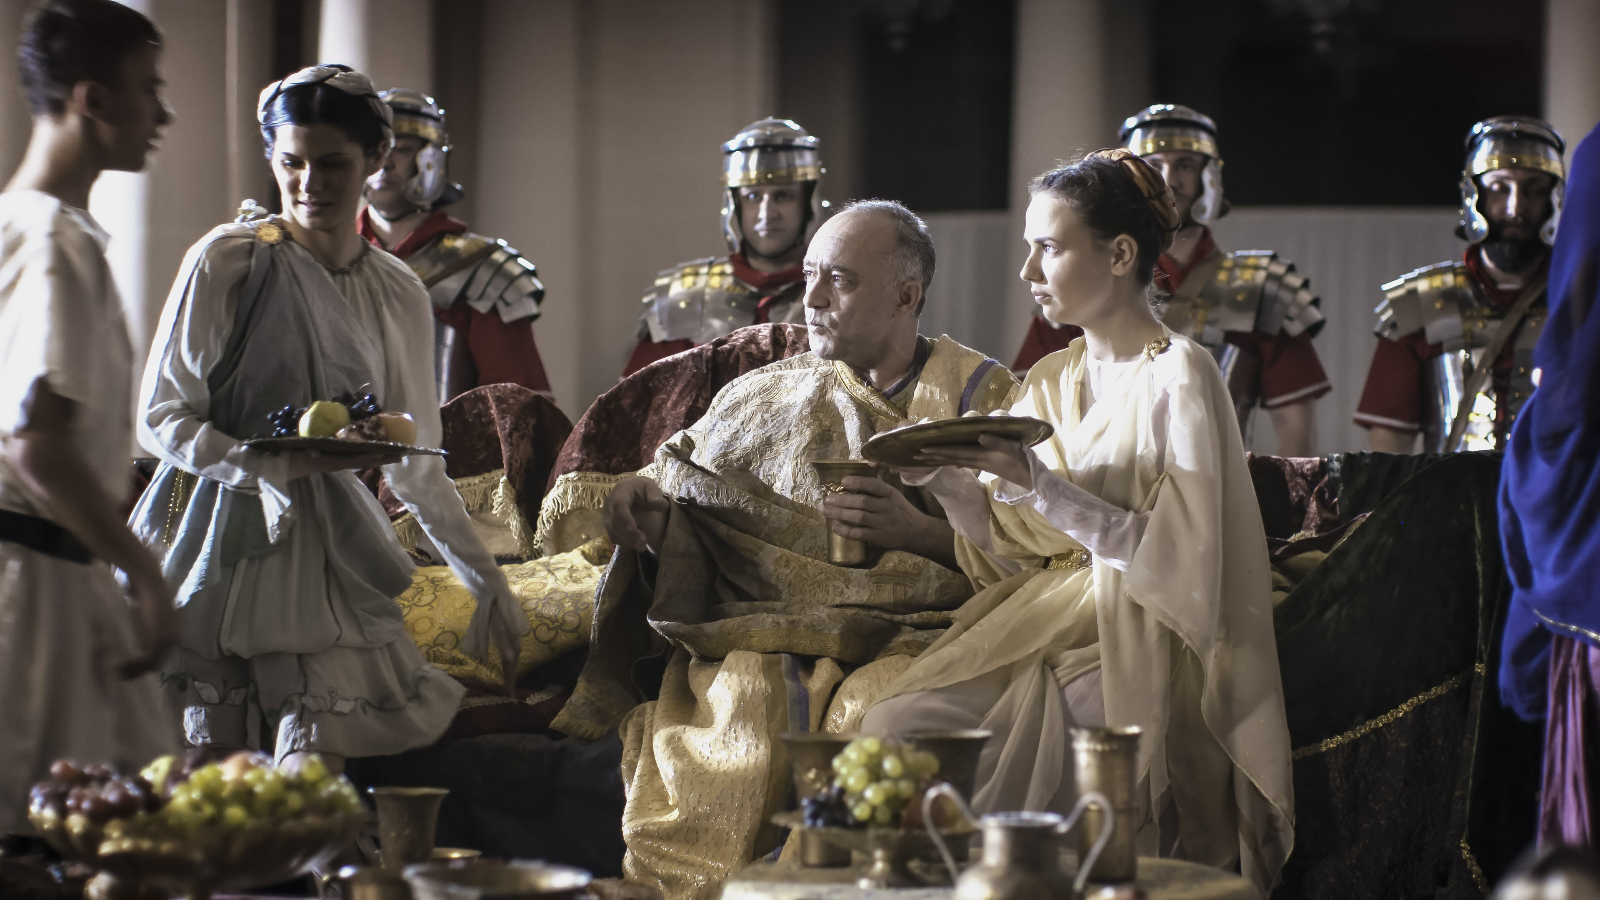 21 aprile, il Natale di Roma: Città eterna compie 2770 anni